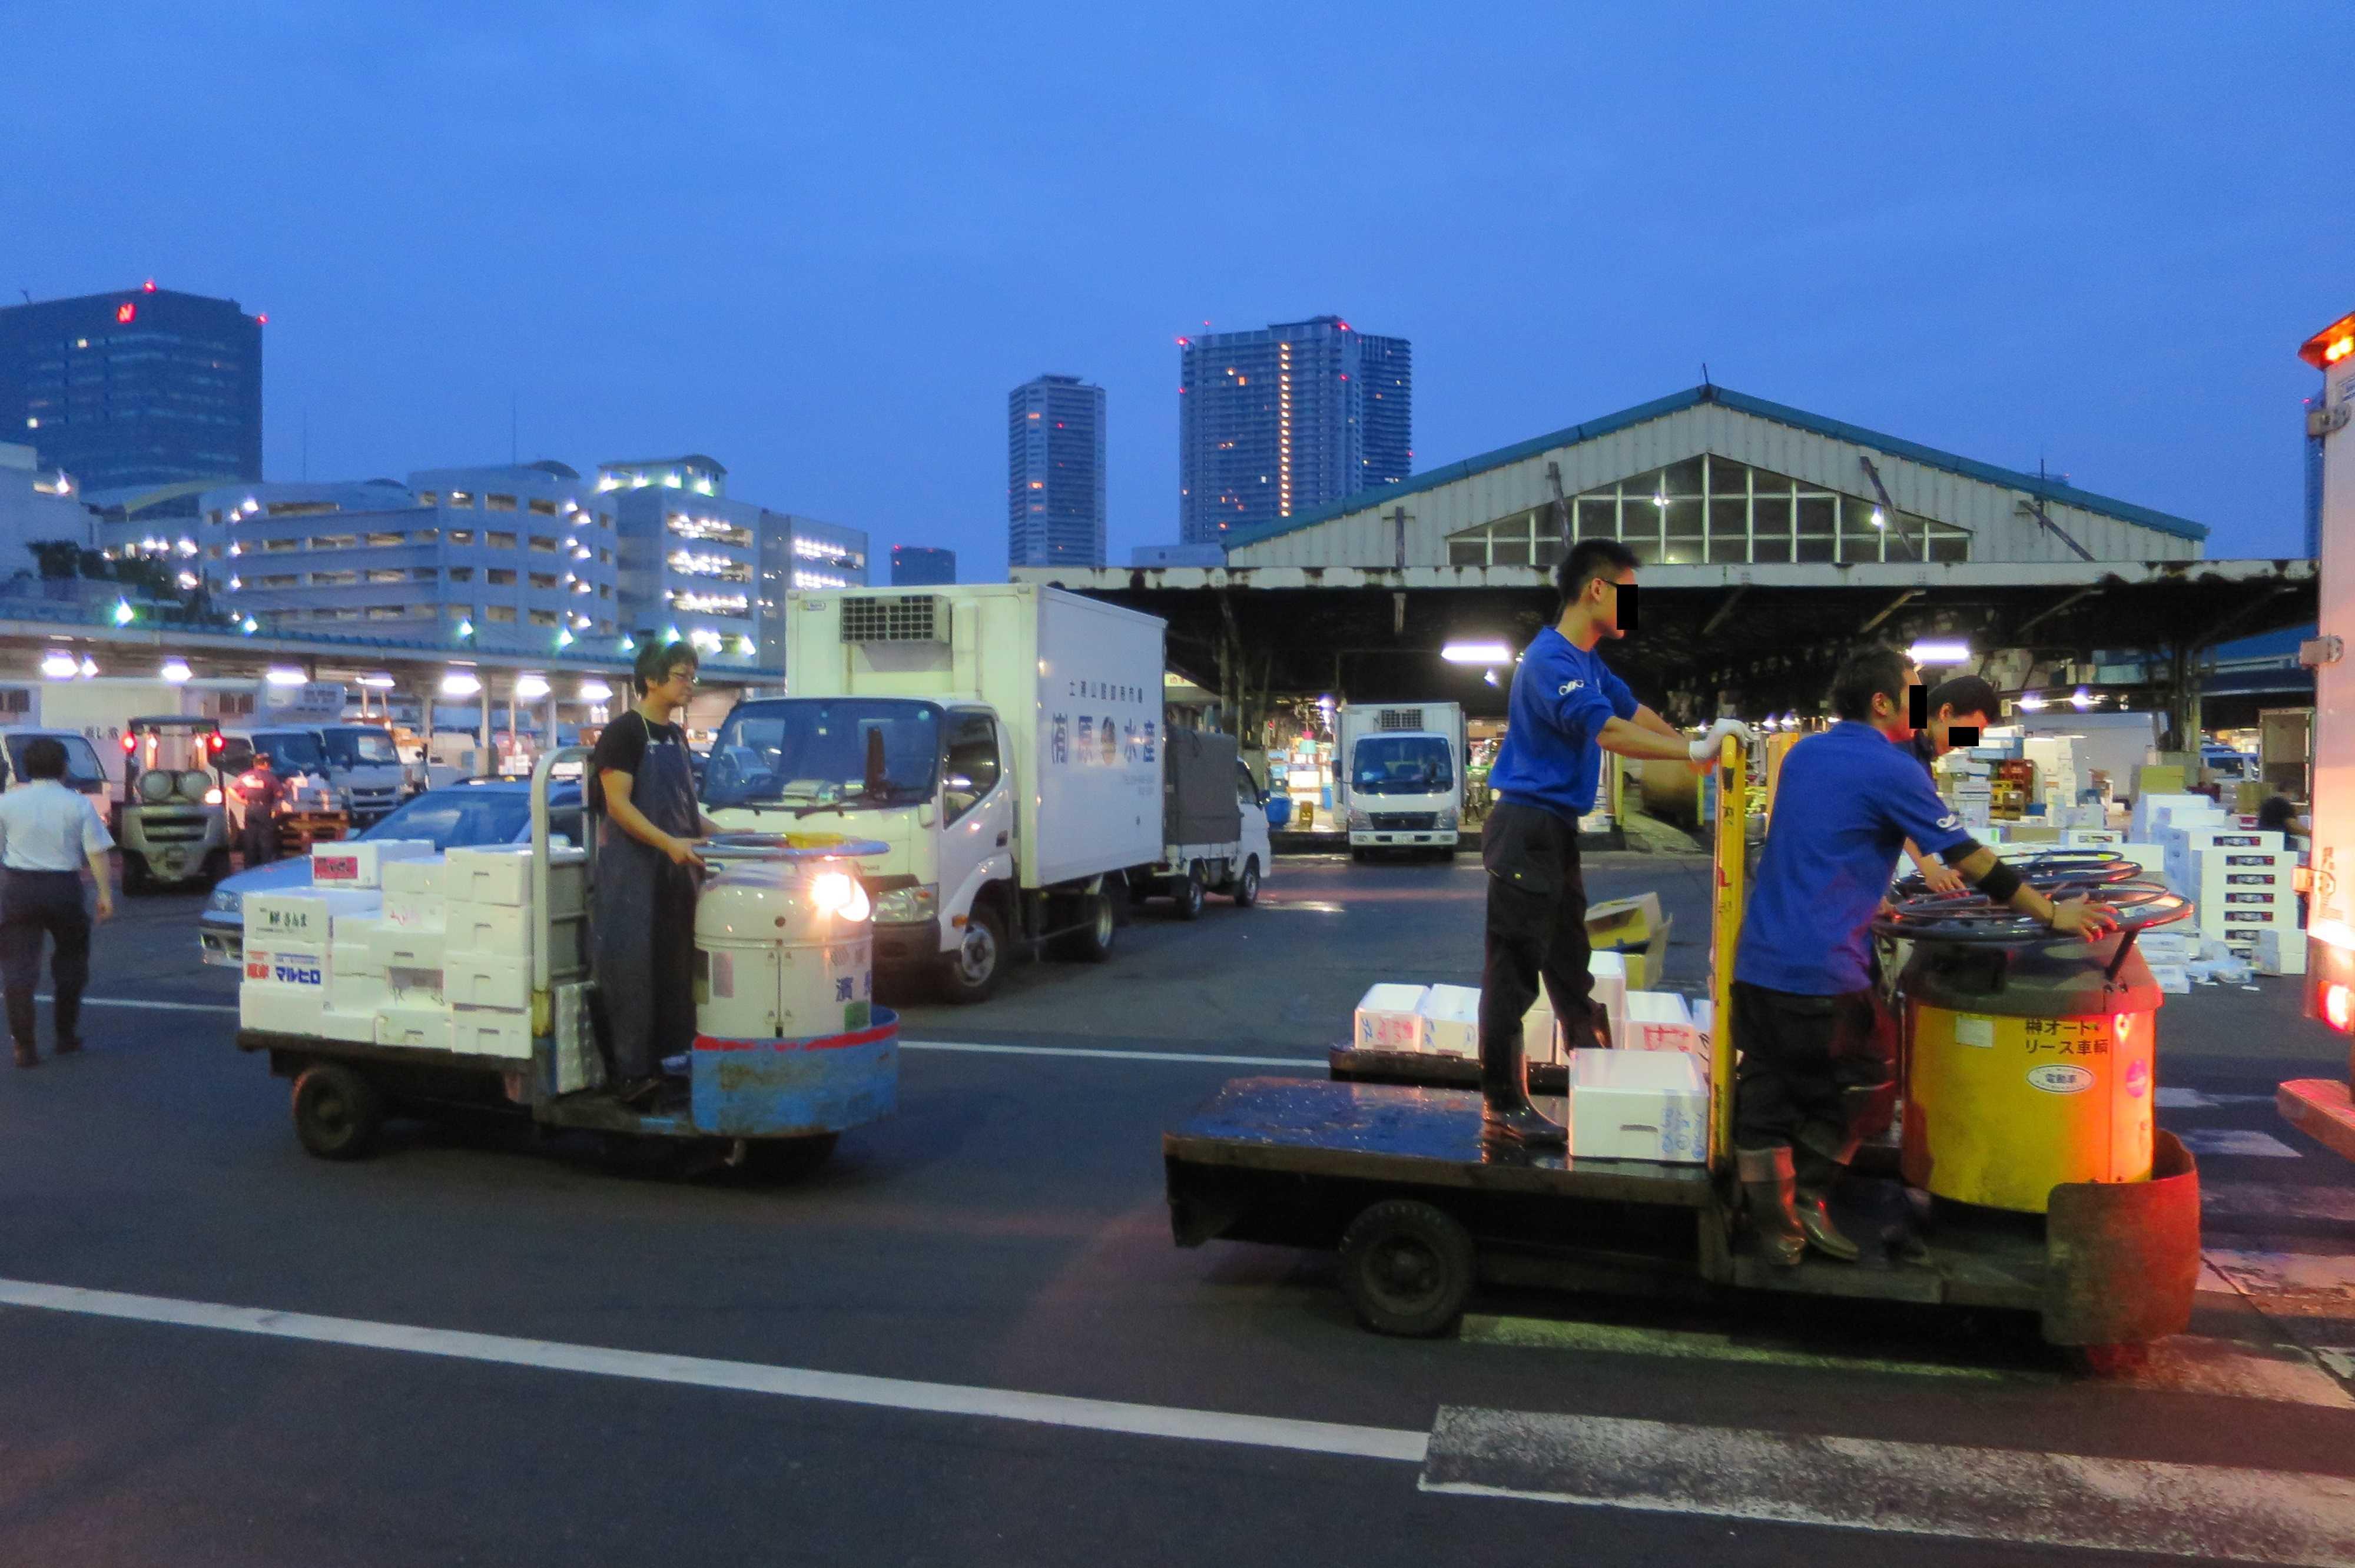 ターレットトラック(ターレー) - 築地市場の乗り物